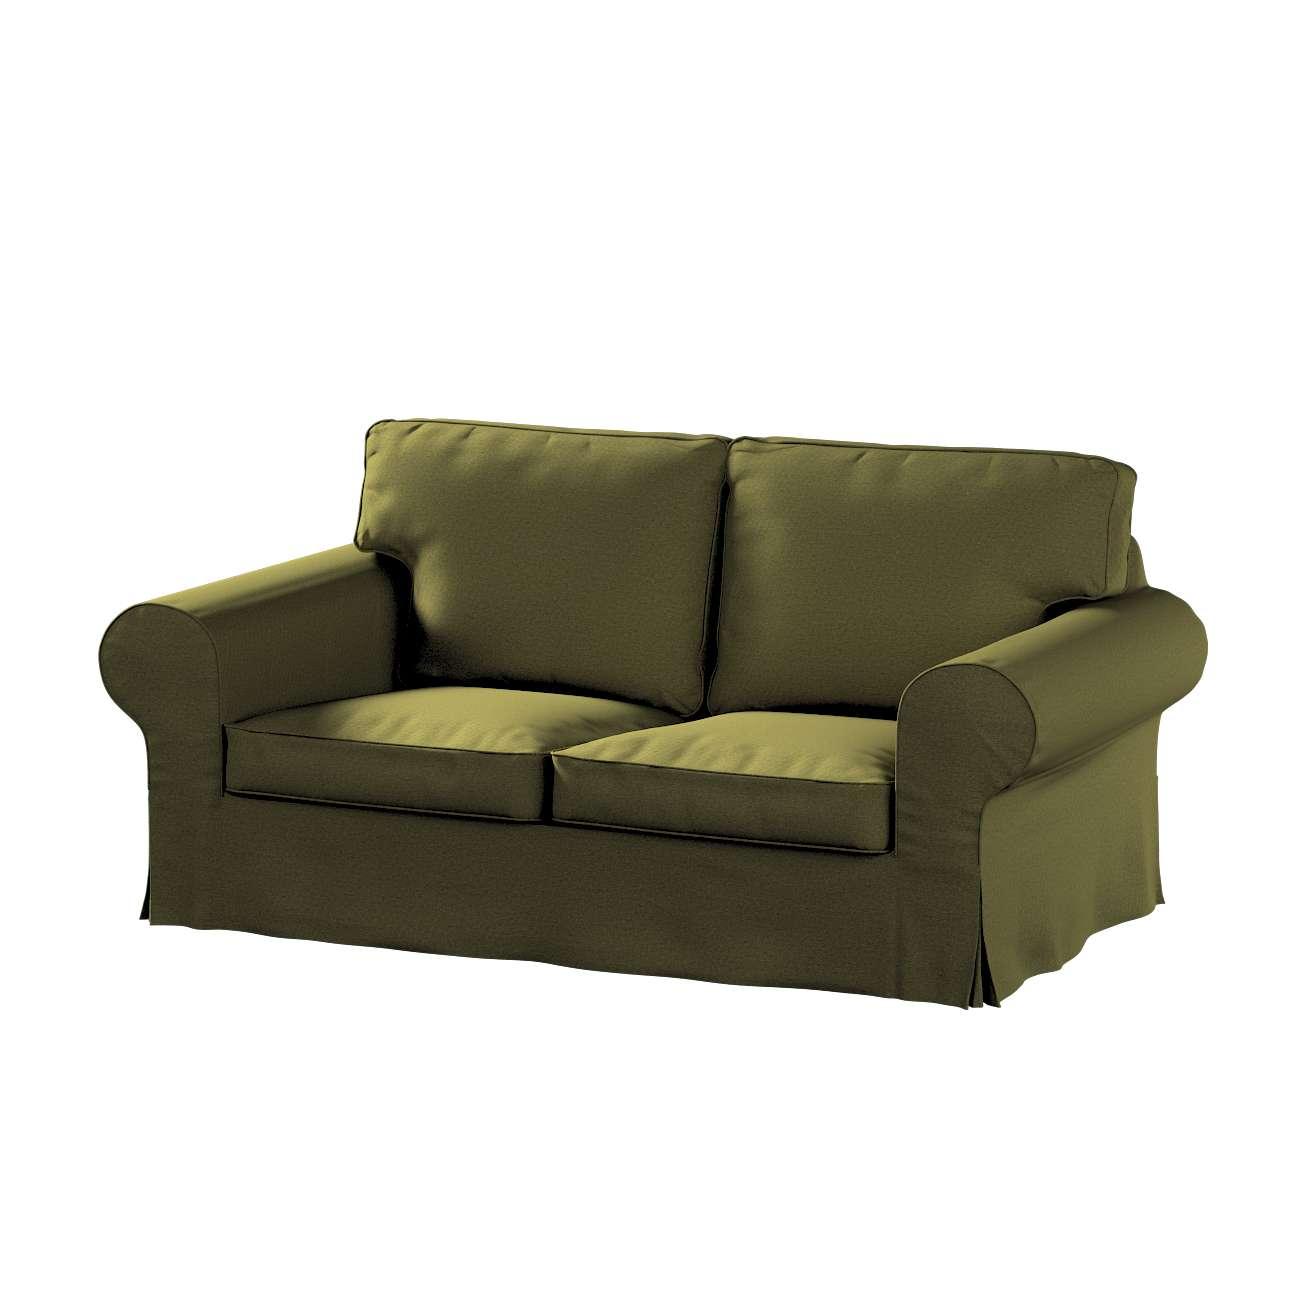 Pokrowiec na sofę Ektorp 2-osobową, rozkładaną, model do 2012 w kolekcji Etna, tkanina: 161-26